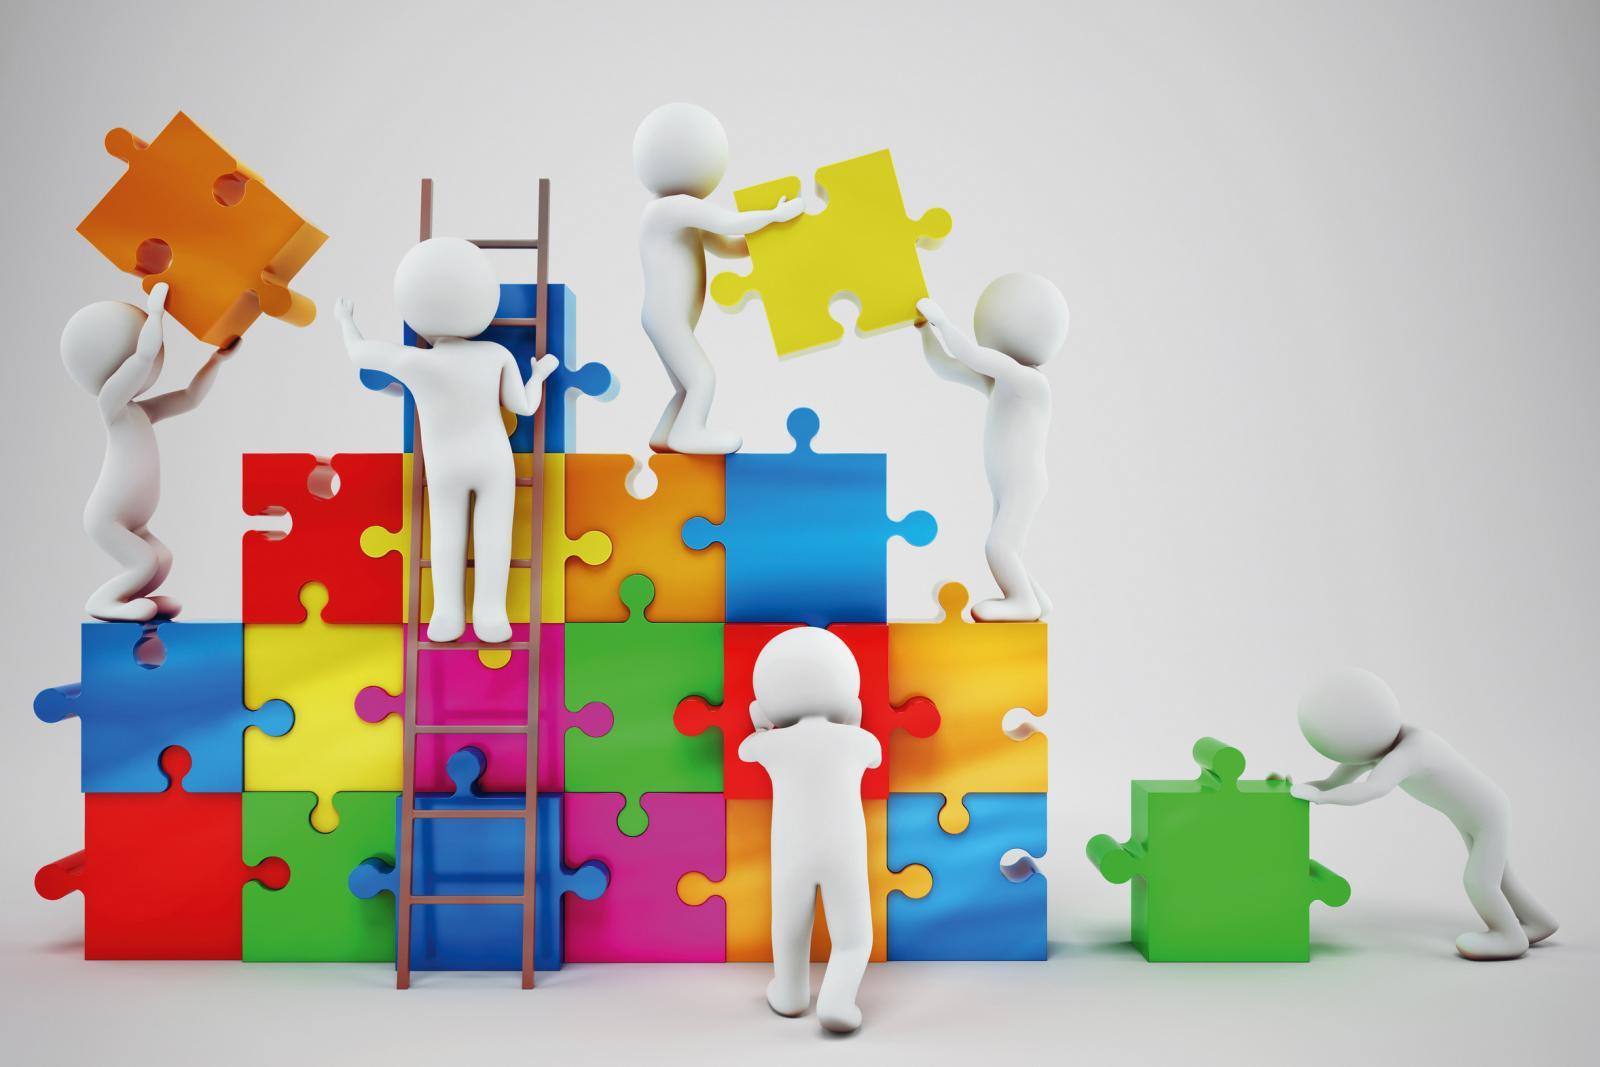 Projets territoriaux de santé mentale 2020 : J-413